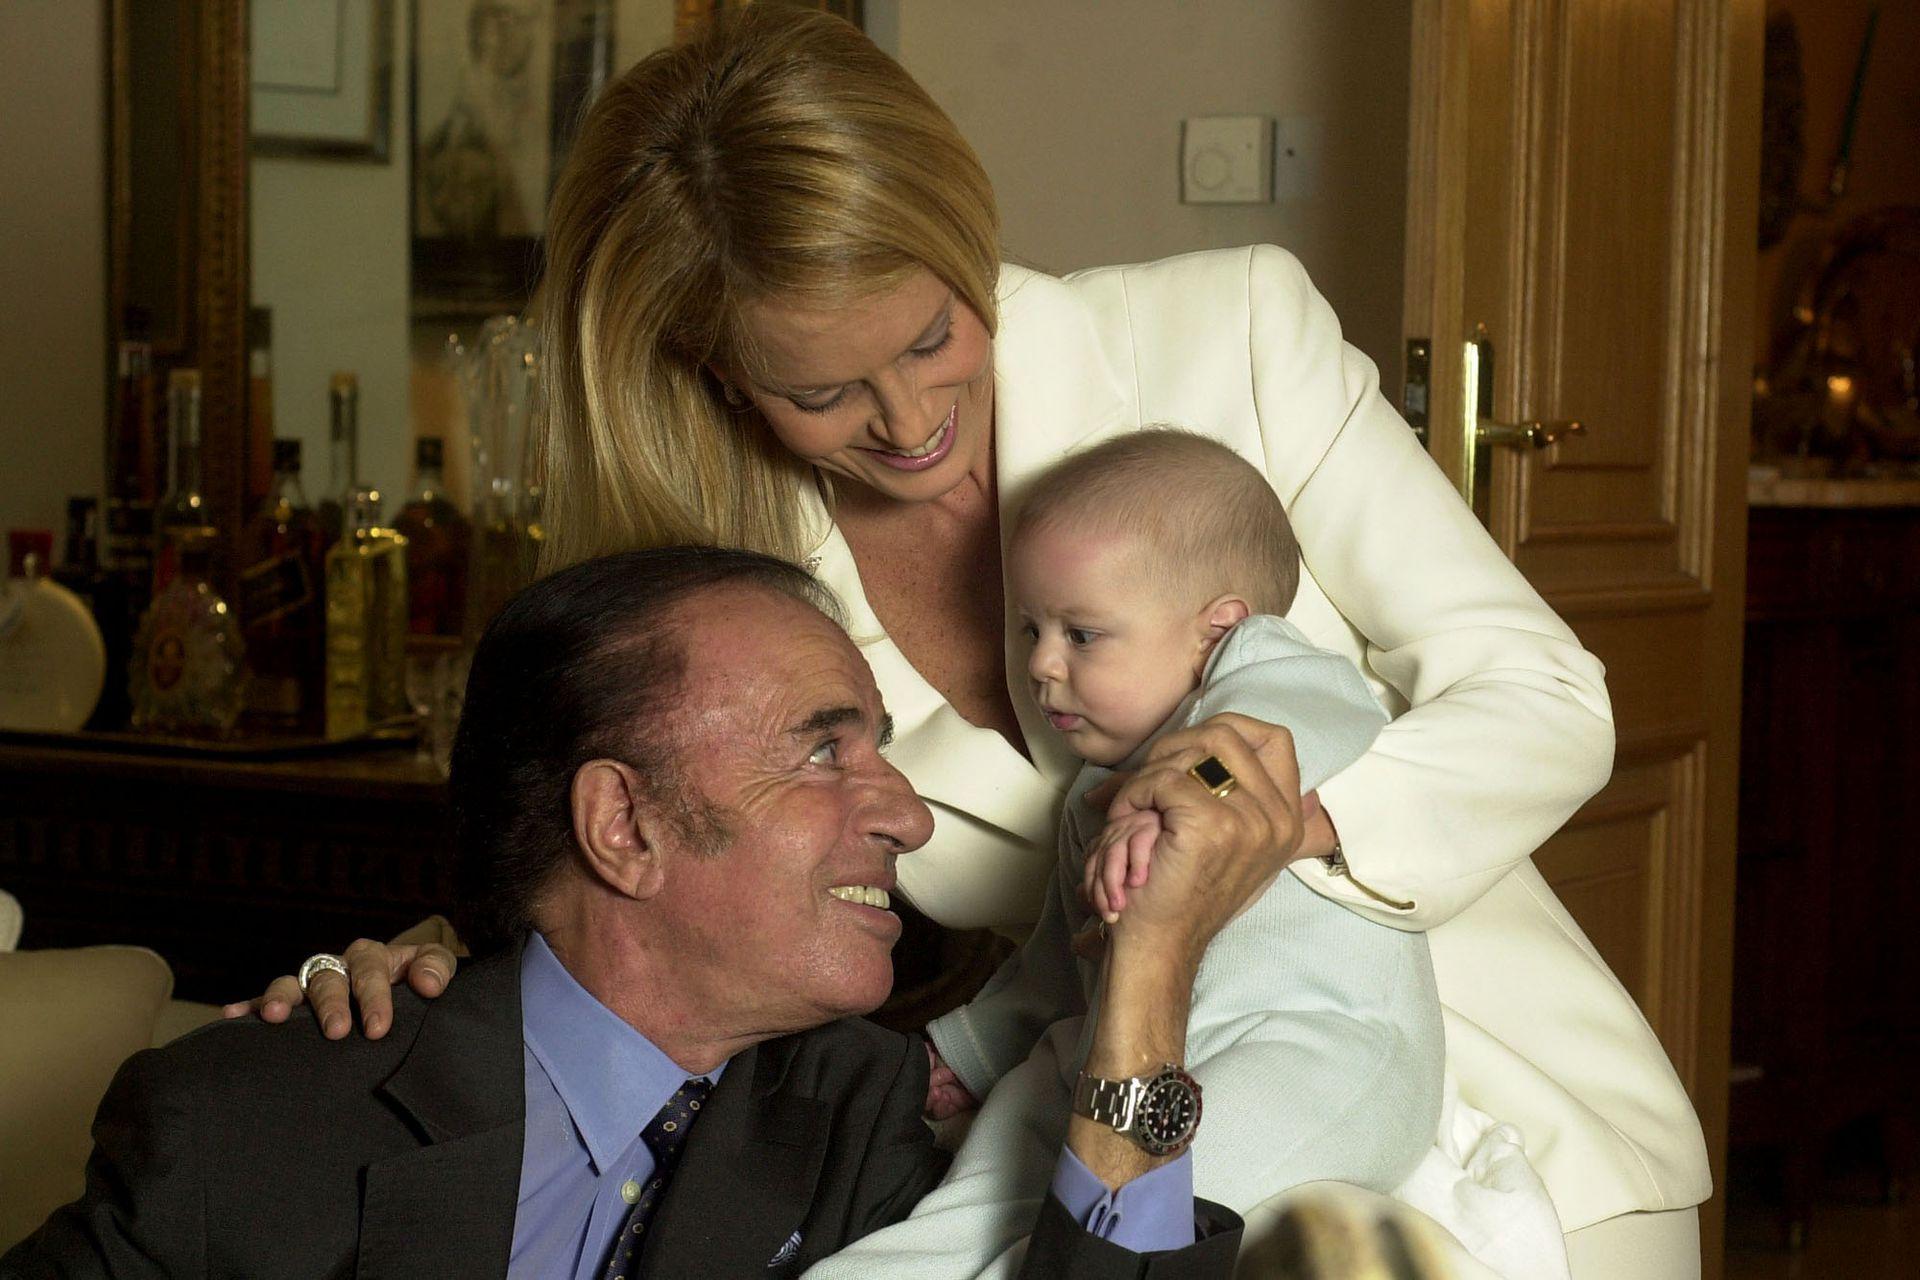 Carlos Menem y Cecilia Bolocco junto a su hijo Máximo Saúl, en Santiago de Chile, el 7 de abril de 2004